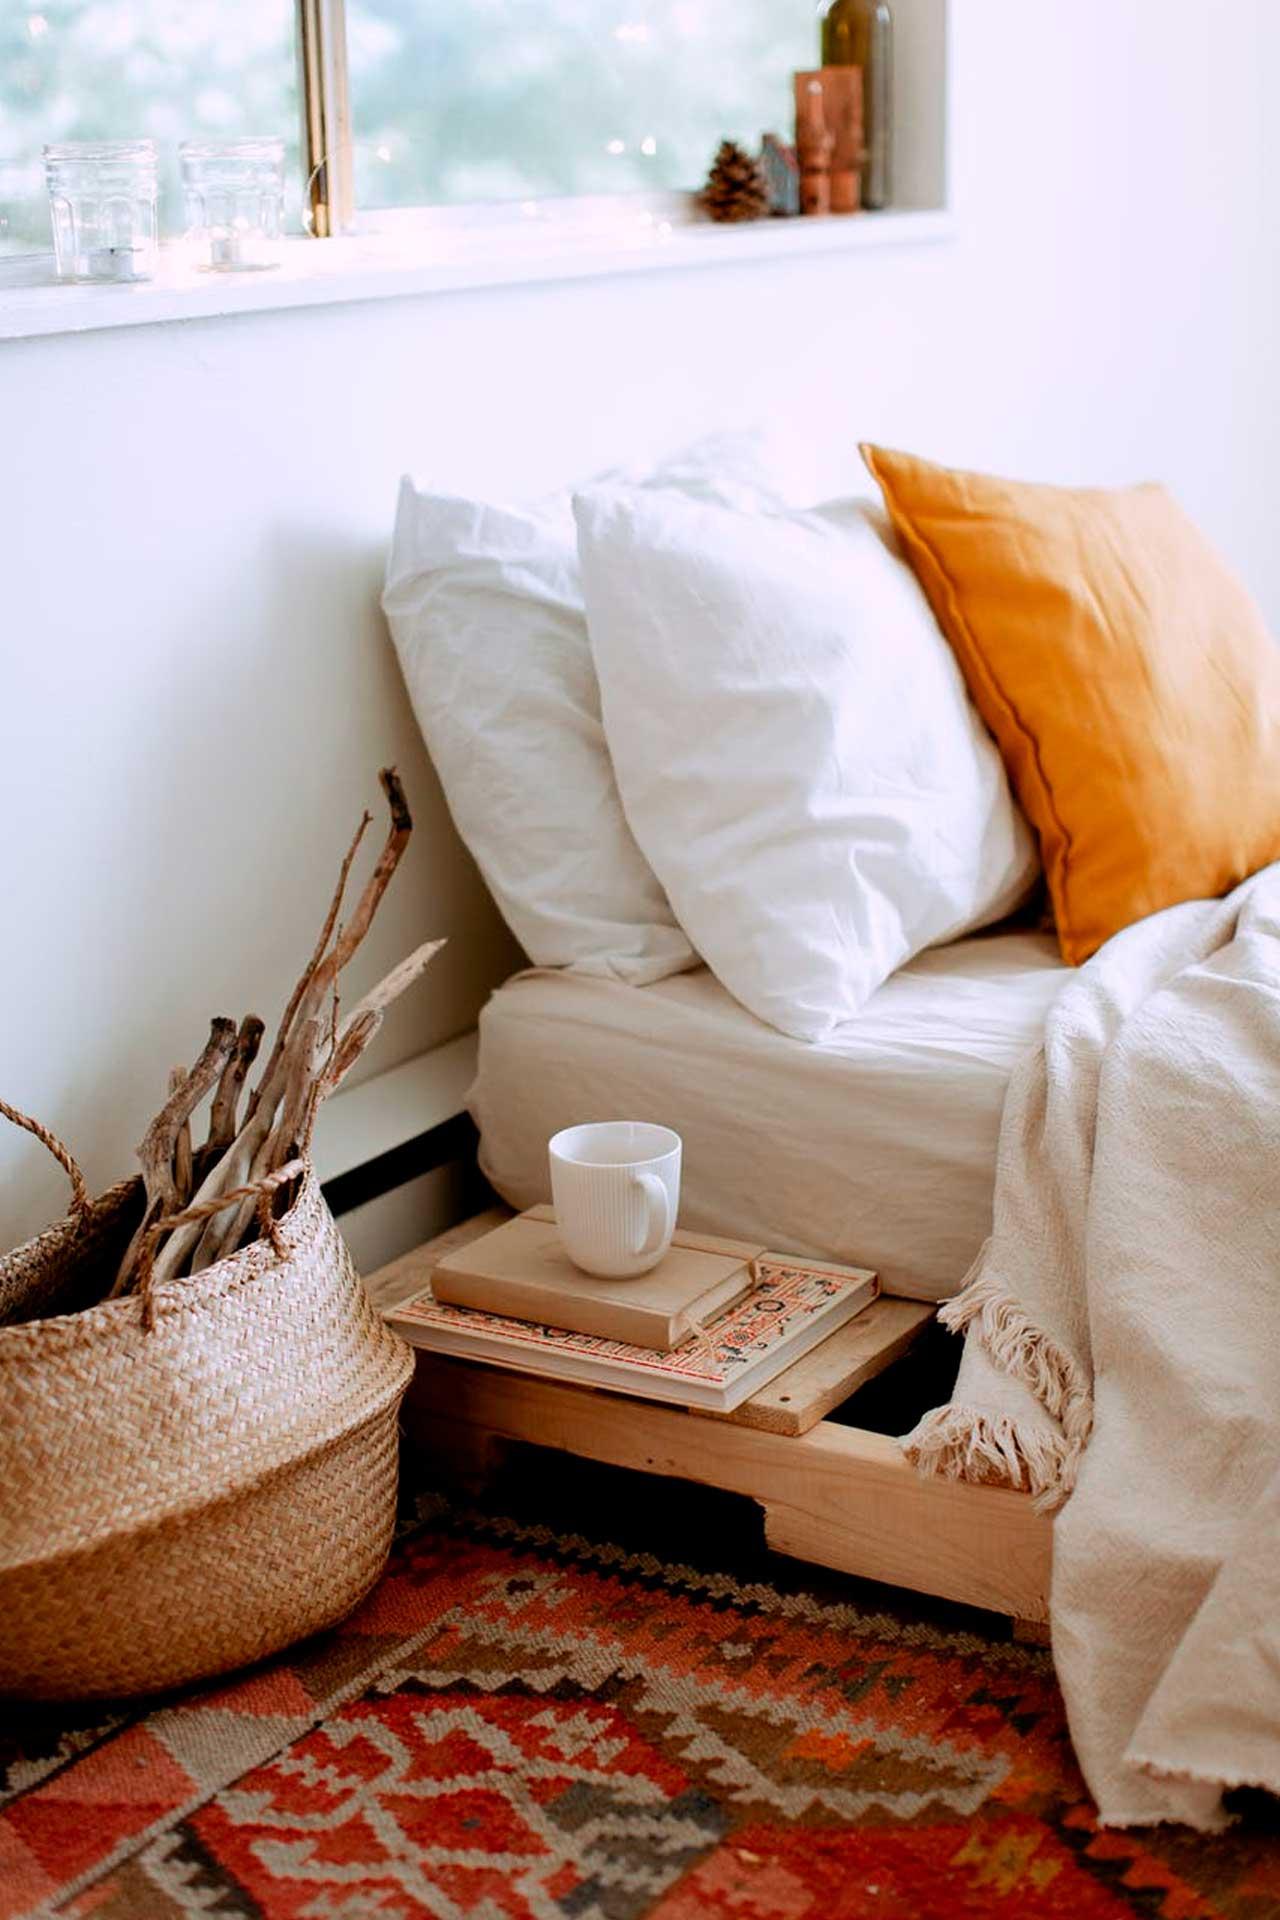 Muebles de madera clara